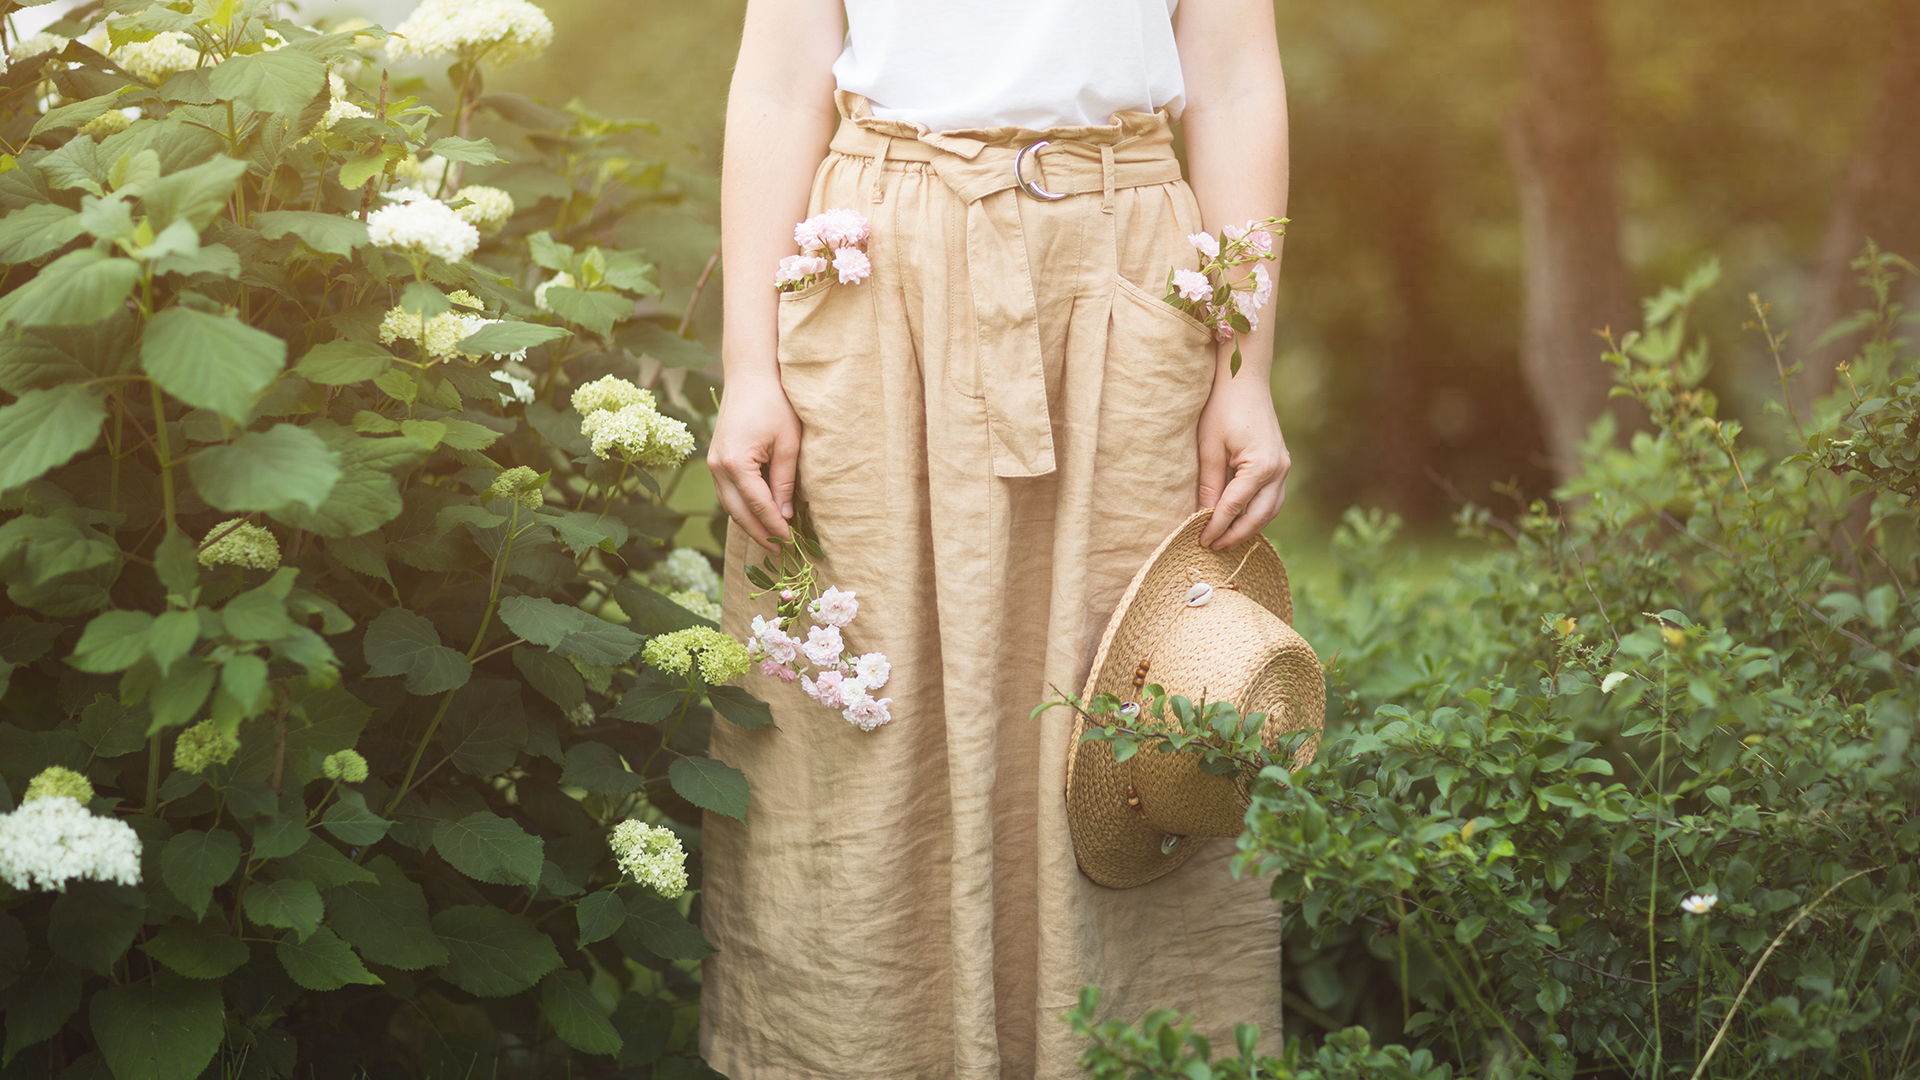 Льняные юбки: универсальность и стиль